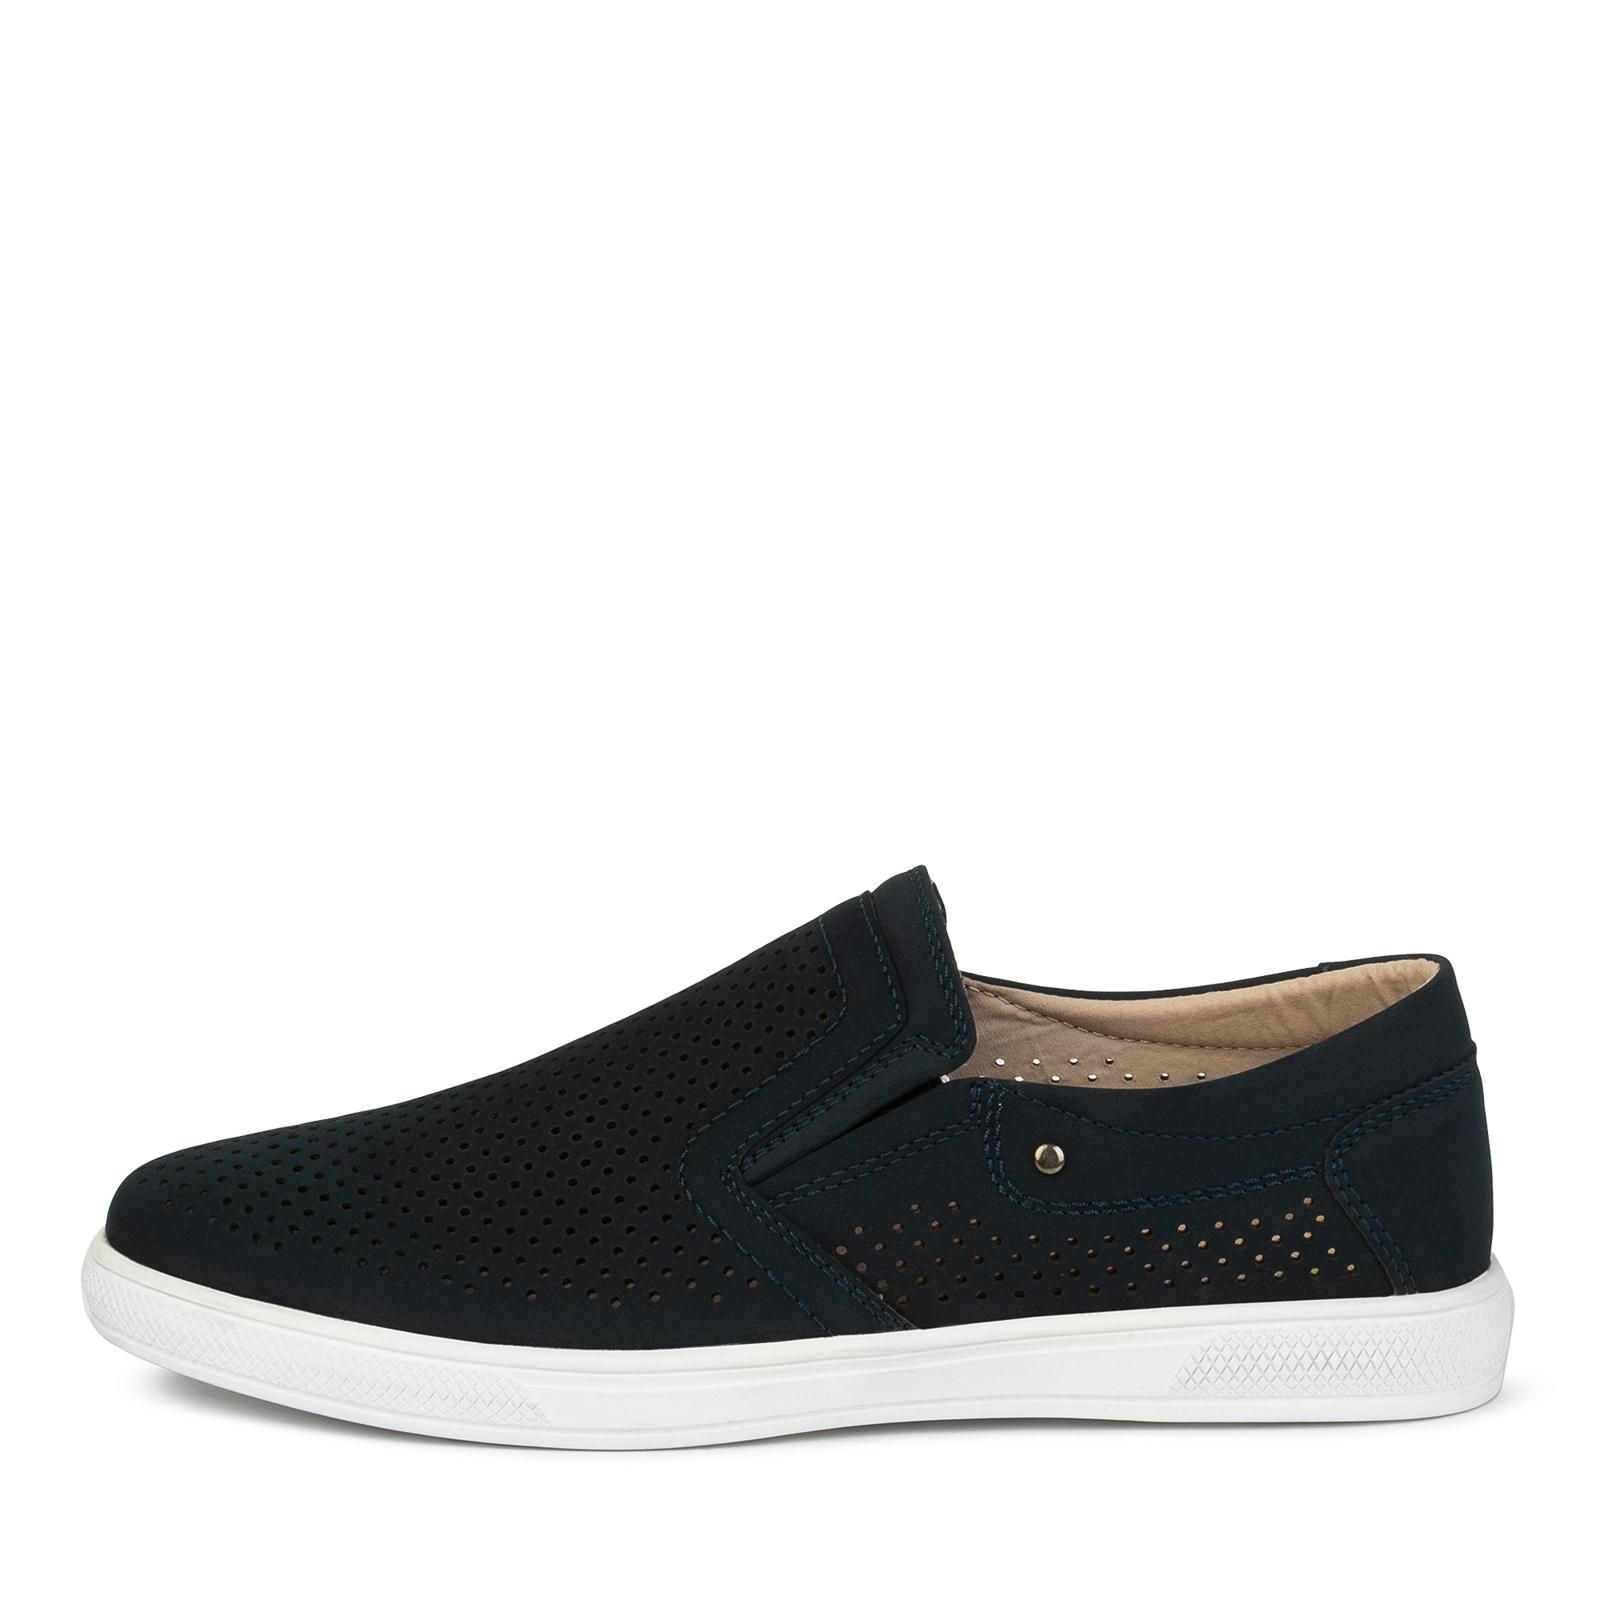 Обувь для мальчиков MUNZ YOUNG 174-033B-26203